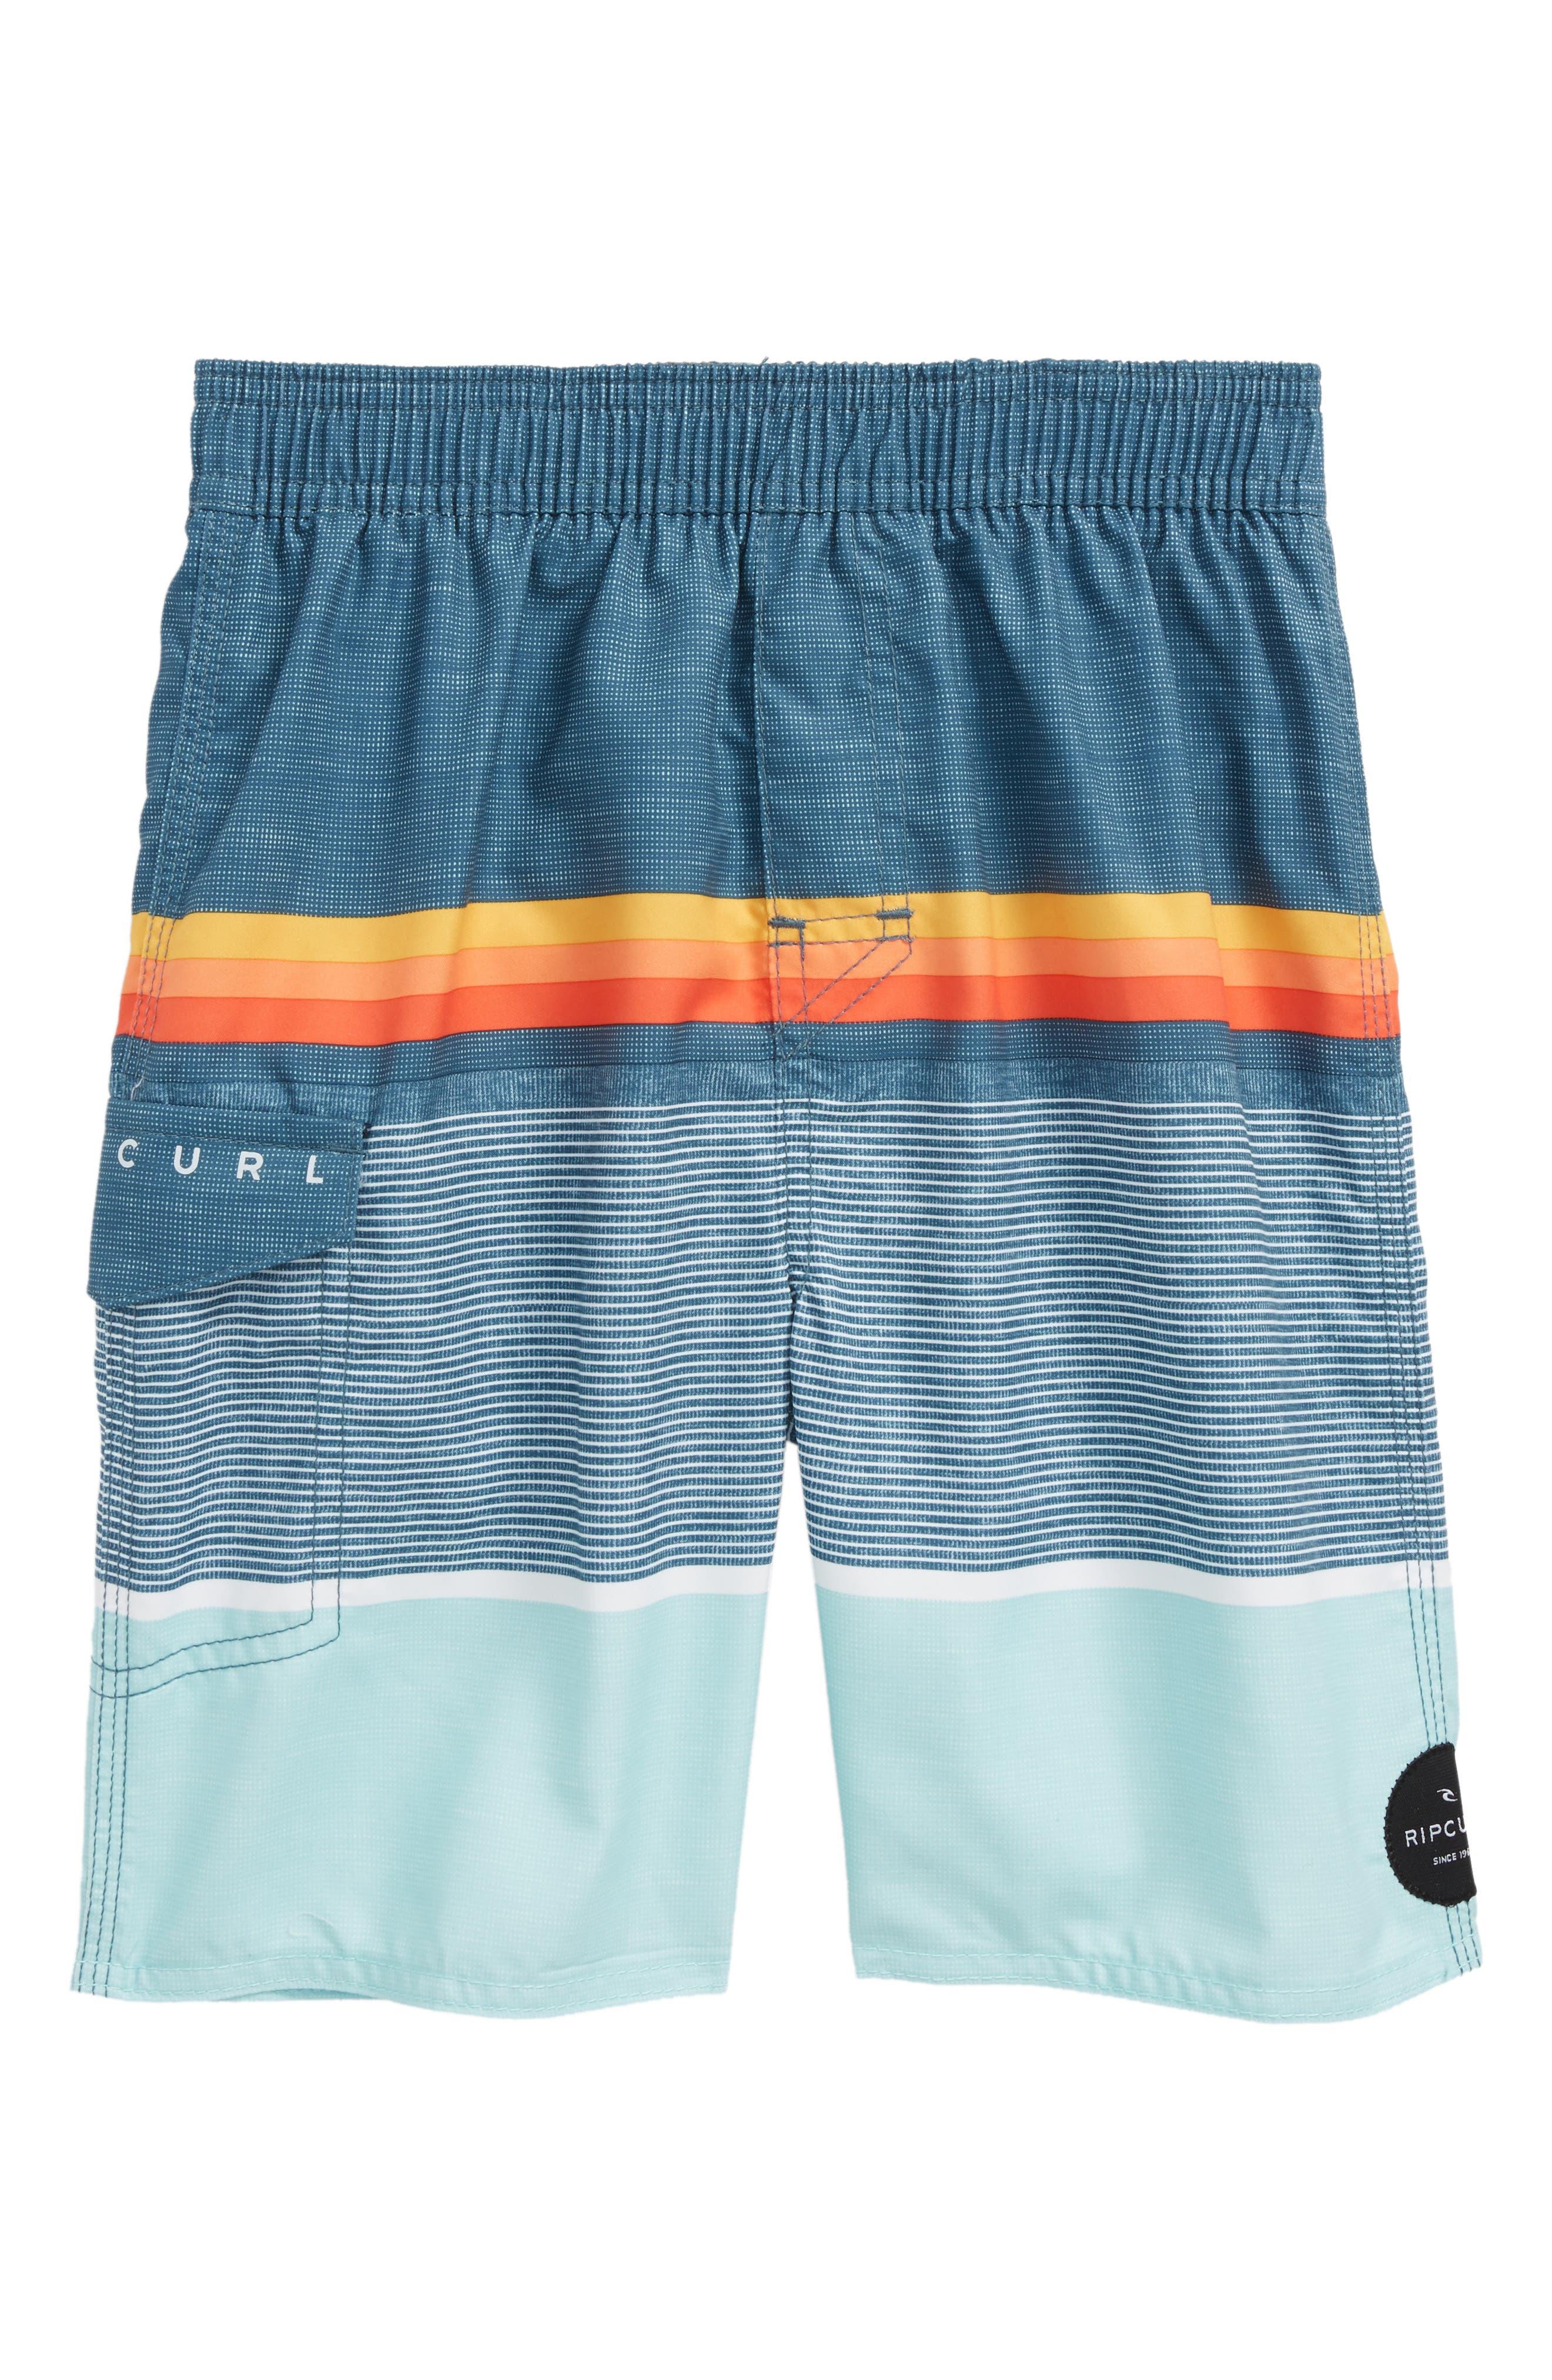 Rapture Layday Volley Shorts,                             Main thumbnail 1, color,                             Blue